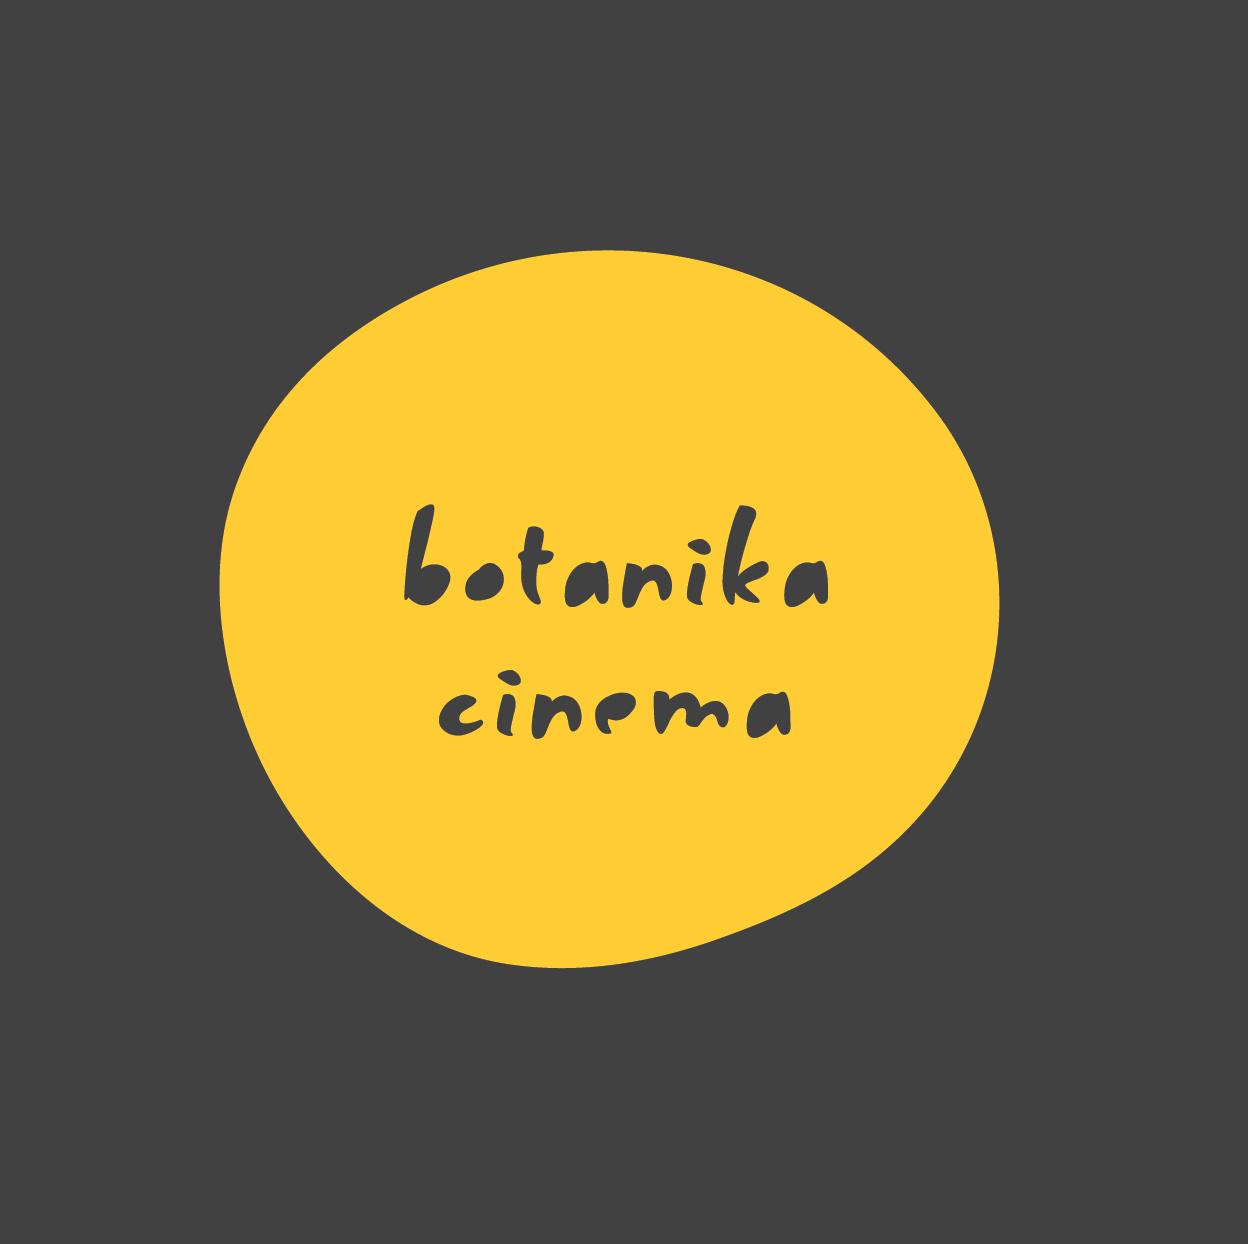 Botanika Cinema